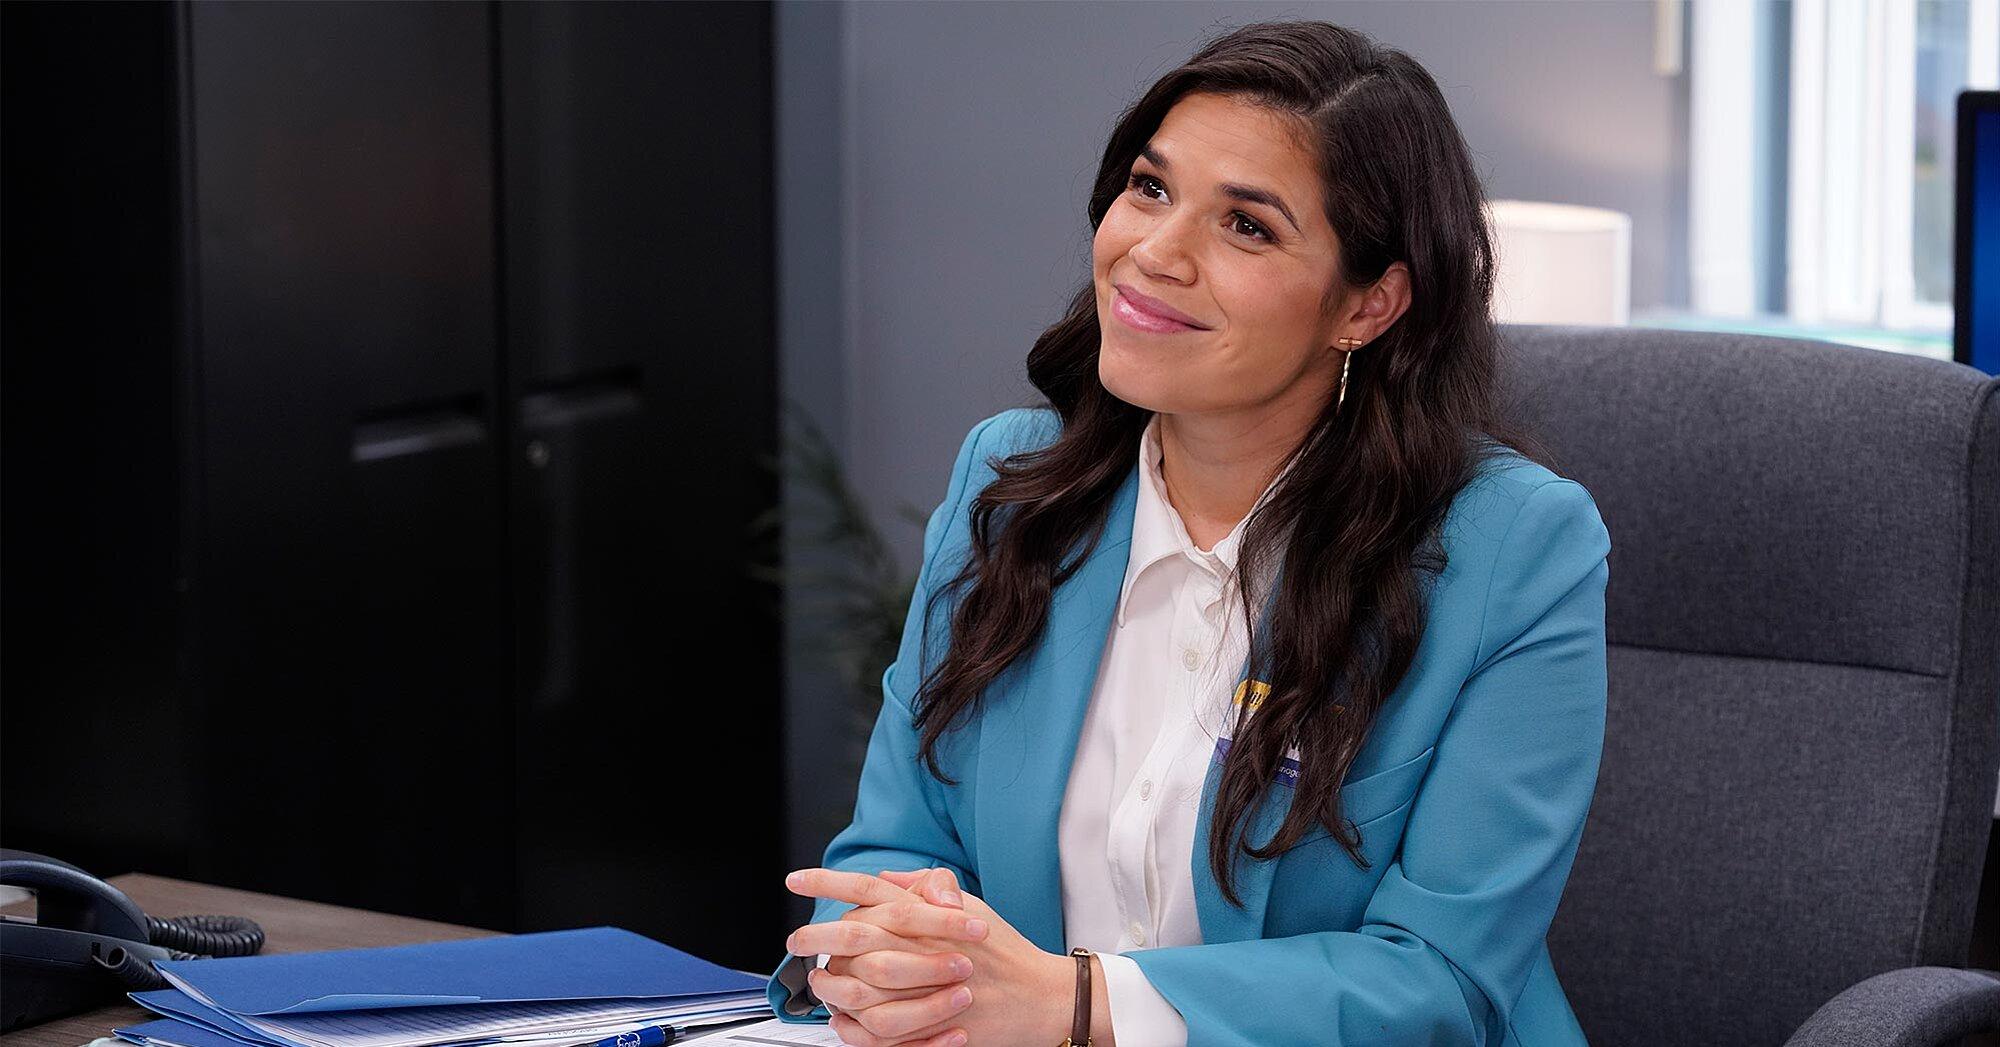 Amy en su despacho durante sus últimos episodios de Superstore